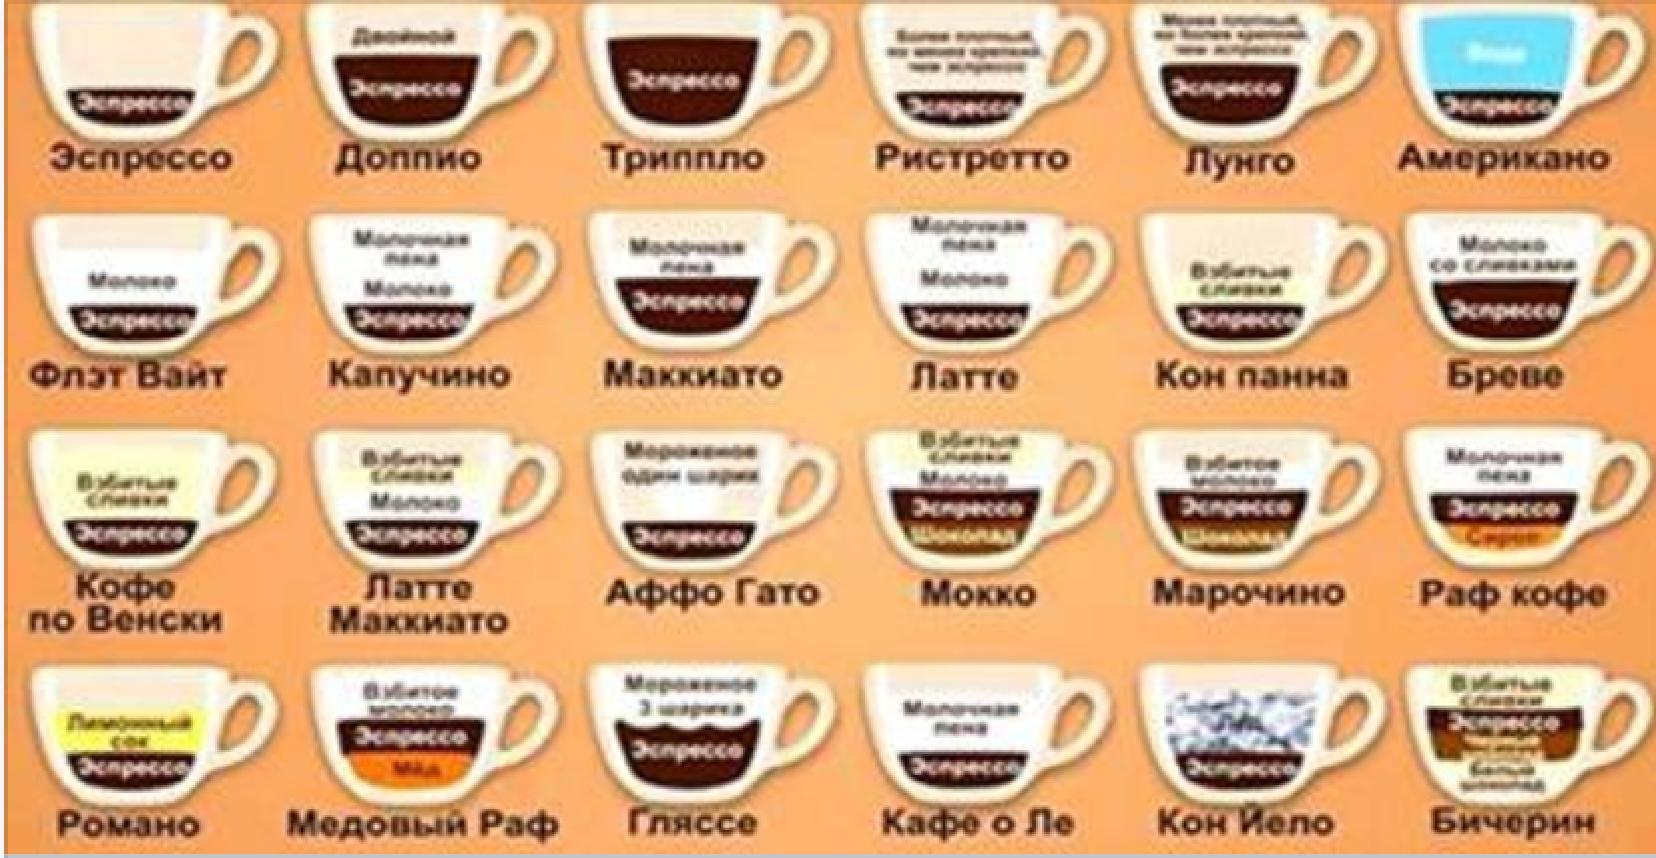 разумеется, виды кофе и способы приготовления картинки вижу